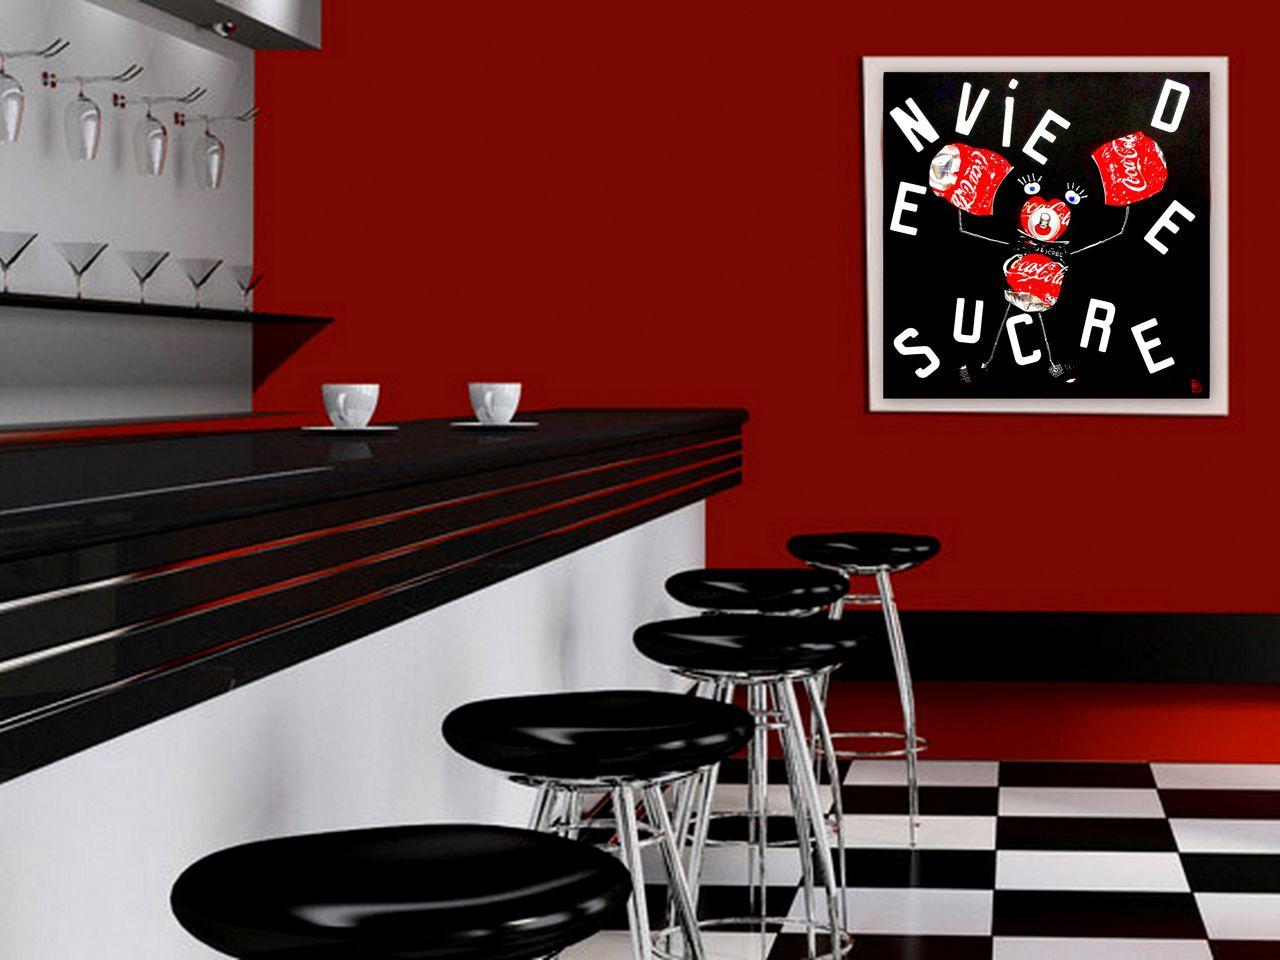 Dominique Balouet Art Besoin de sucre